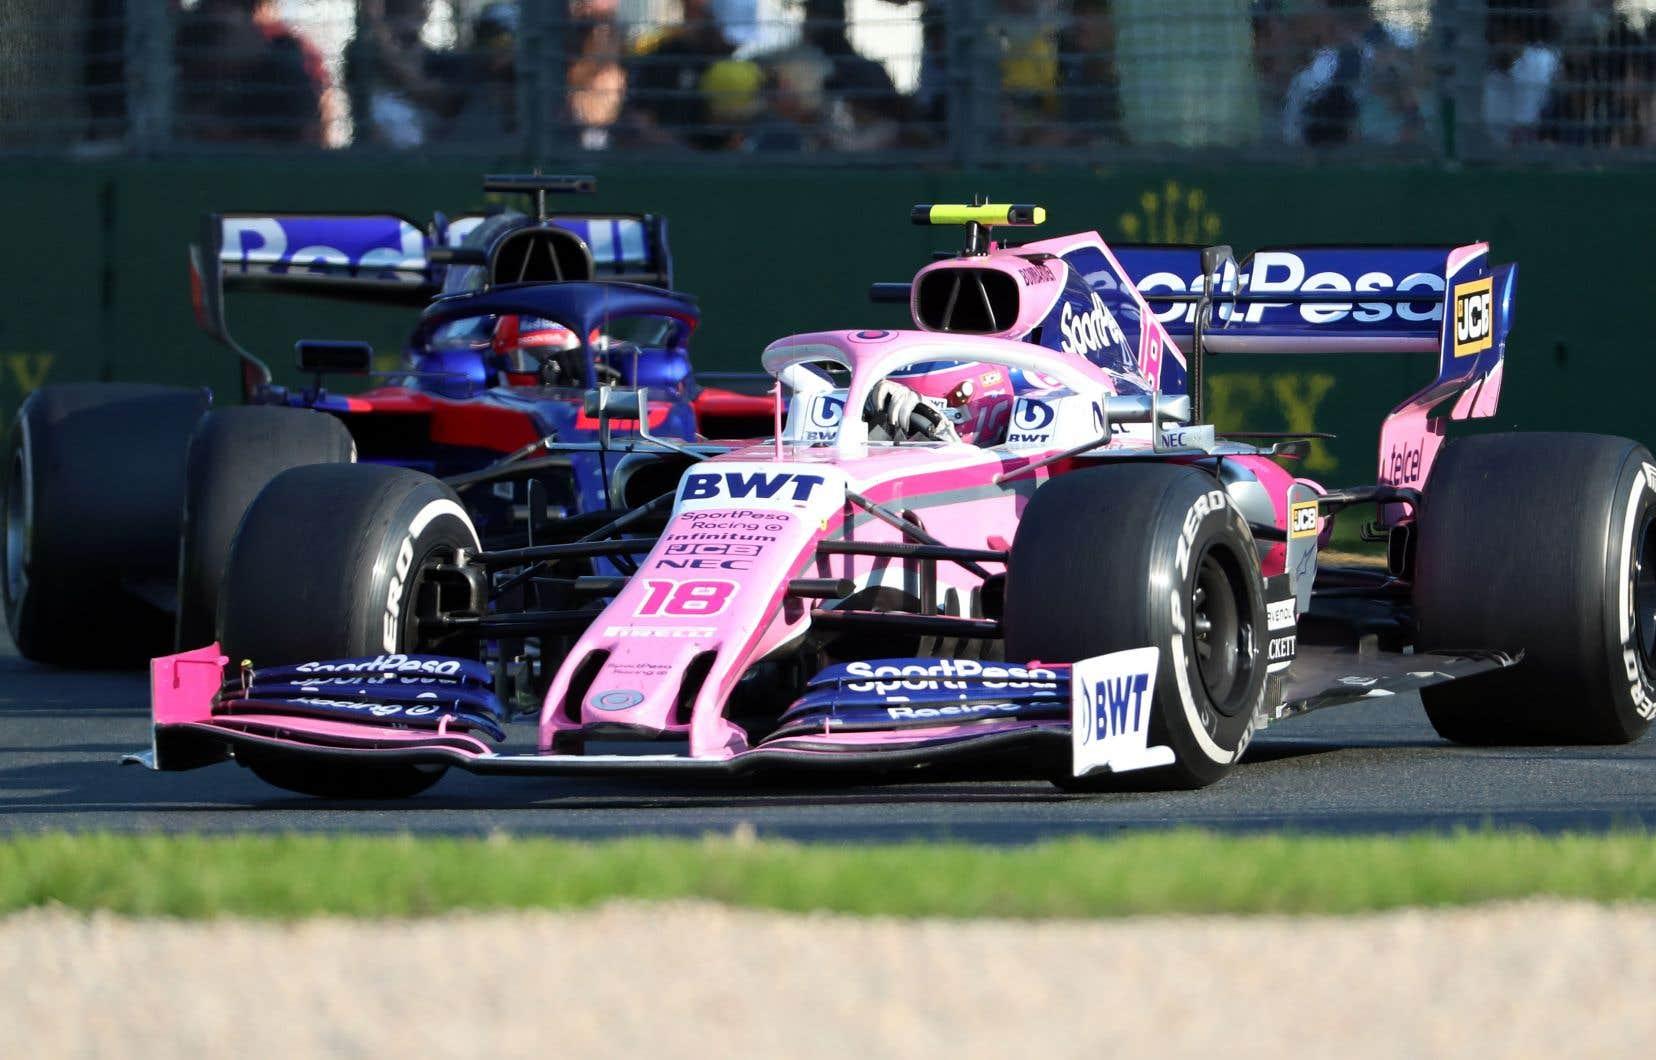 Le premier champ de bataille de Racing Point et Toro Rosso se trouvera ce week-end sur le circuit d'Interlagos. Un endroit où Lance Stroll n'a pas particulièrement connu du succès depuis le début de sa carrière, mais qui ne l'empêche pas d'apprécier ses particularités.